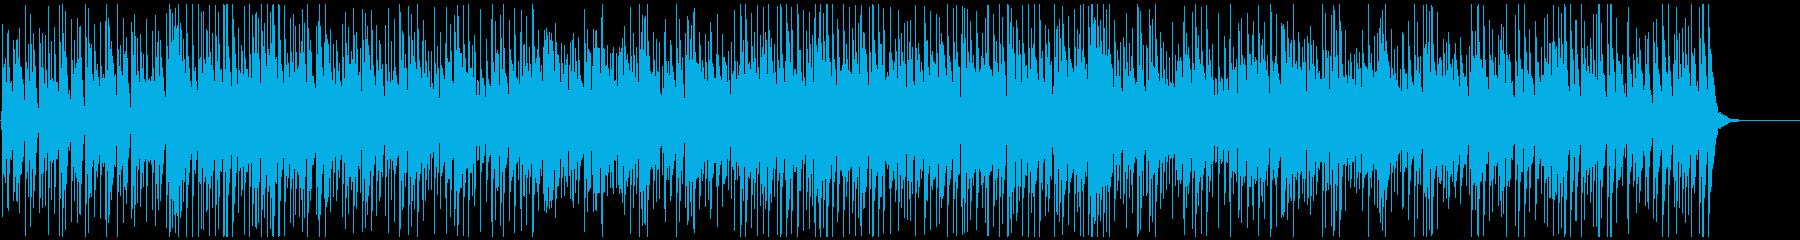 元気あり明るく楽しいの再生済みの波形